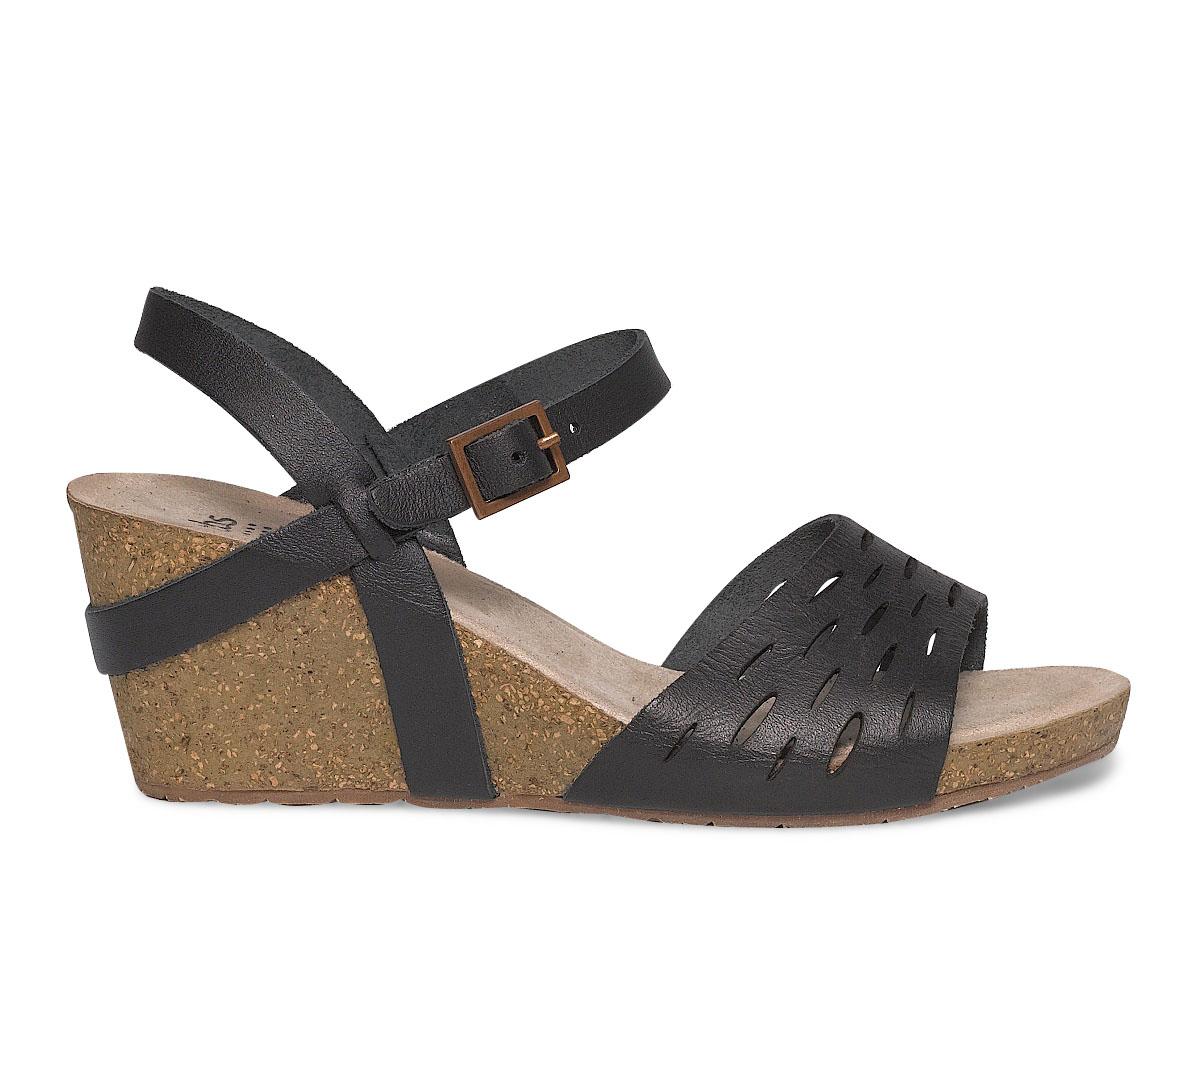 Ajouré Sandale Cuir Compensée Tbs Noire nOP0wk8X